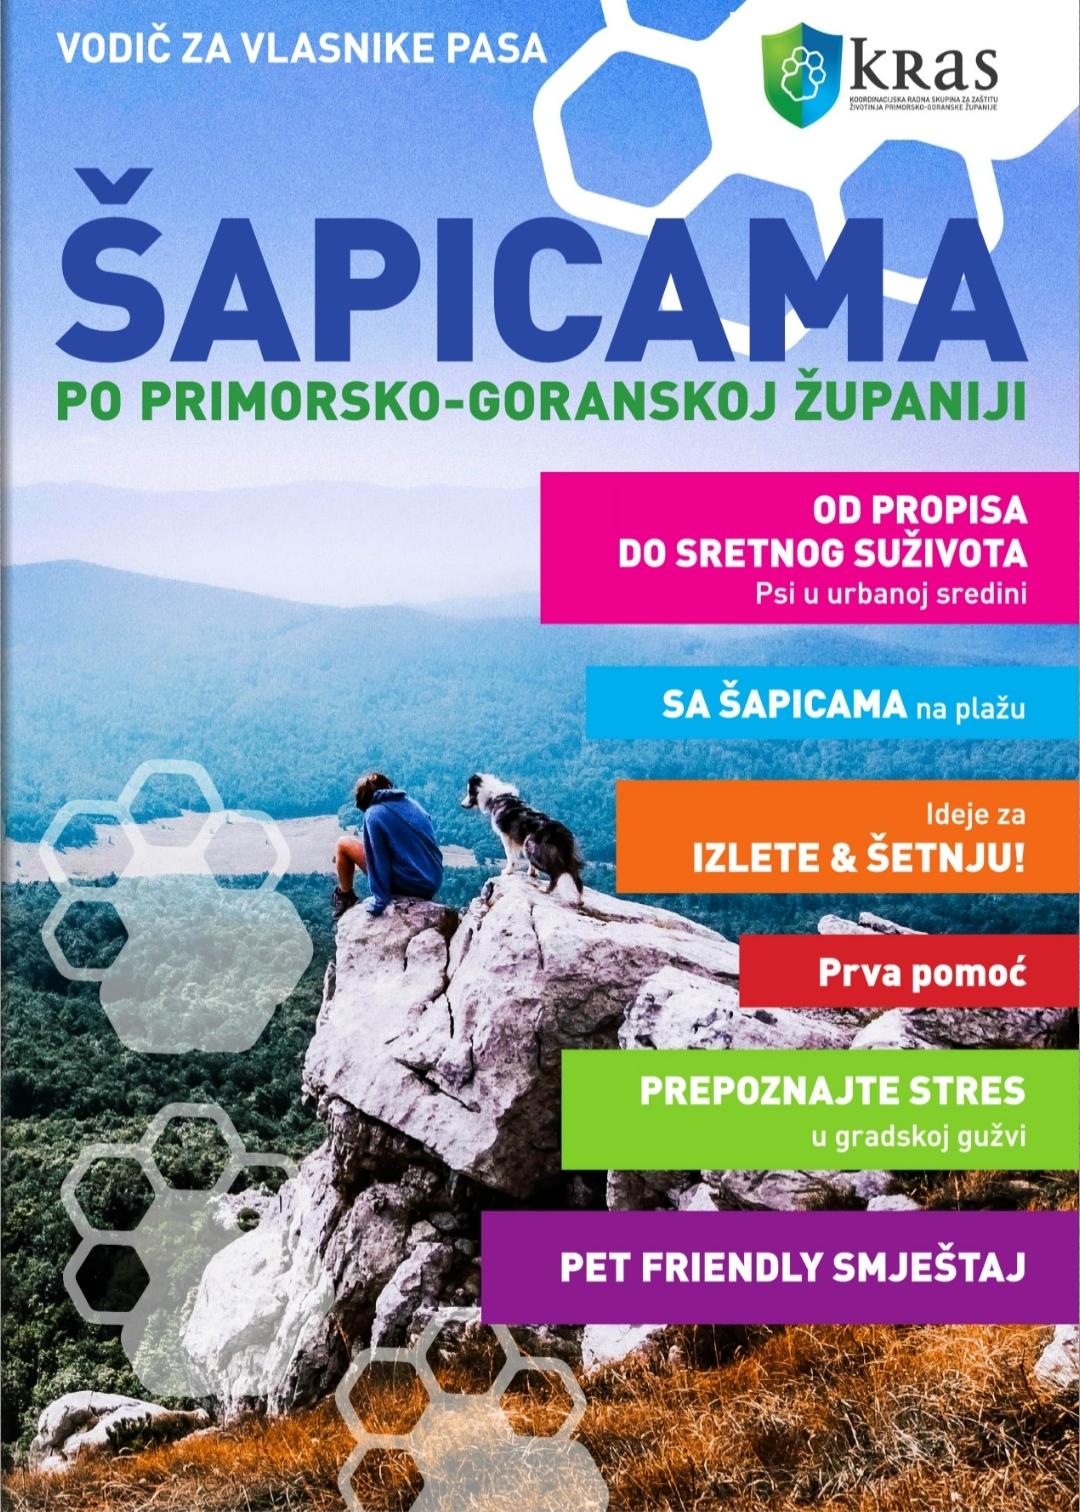 Šapicama po Primorsko-goranskoj županiji